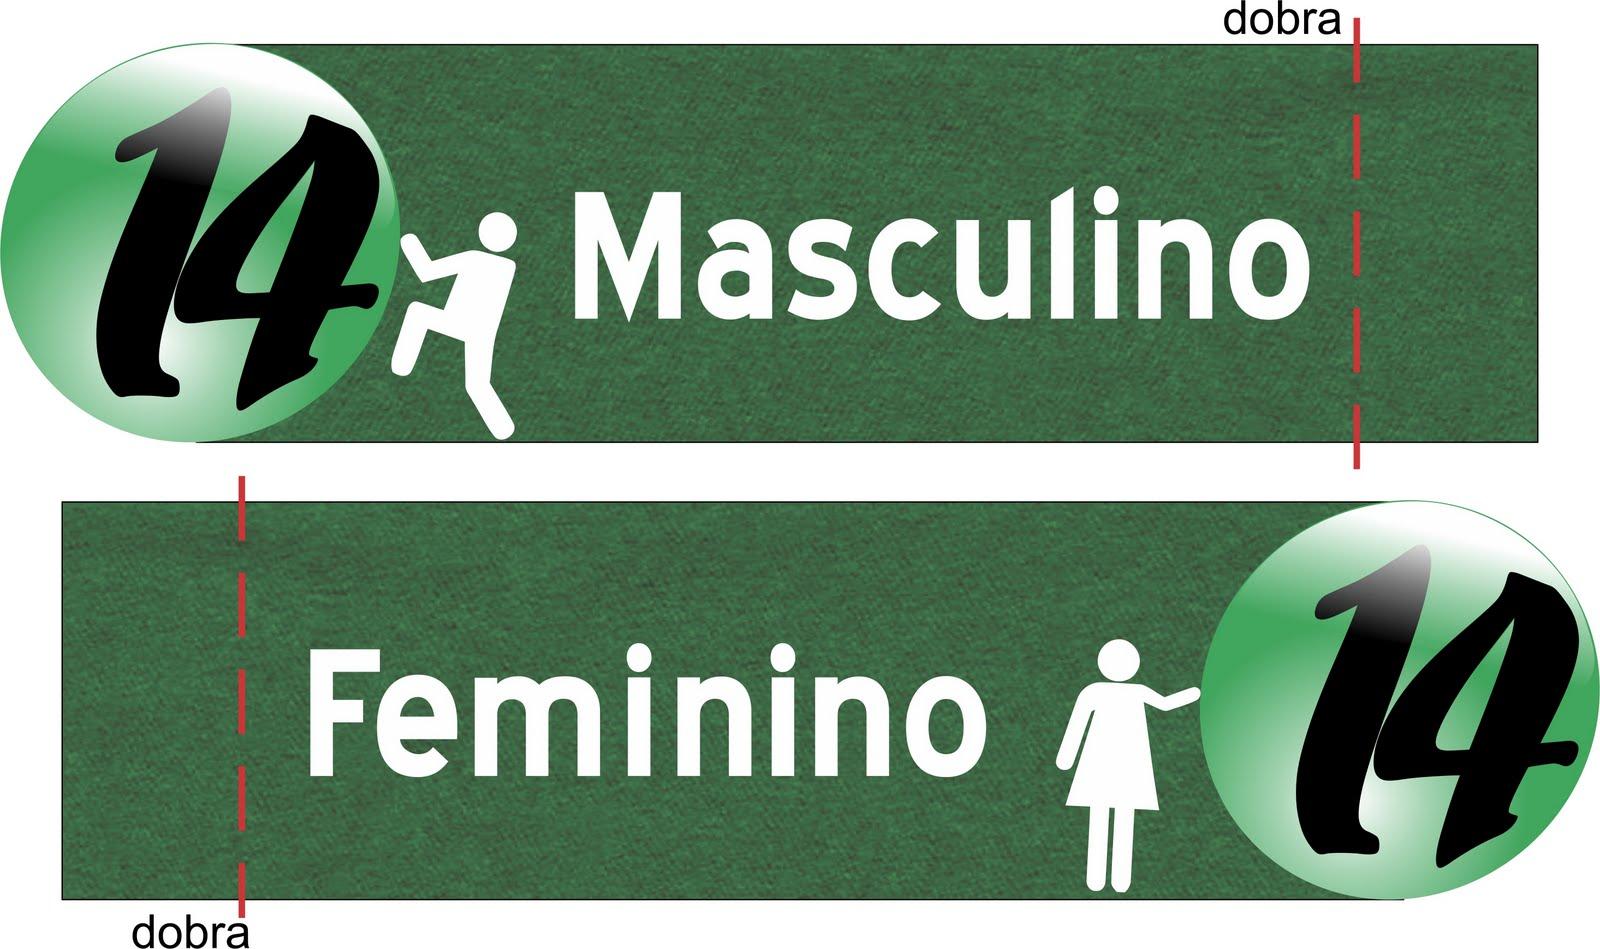 Placa para sinalização dos Banheiros #9C2F2F 1600 949